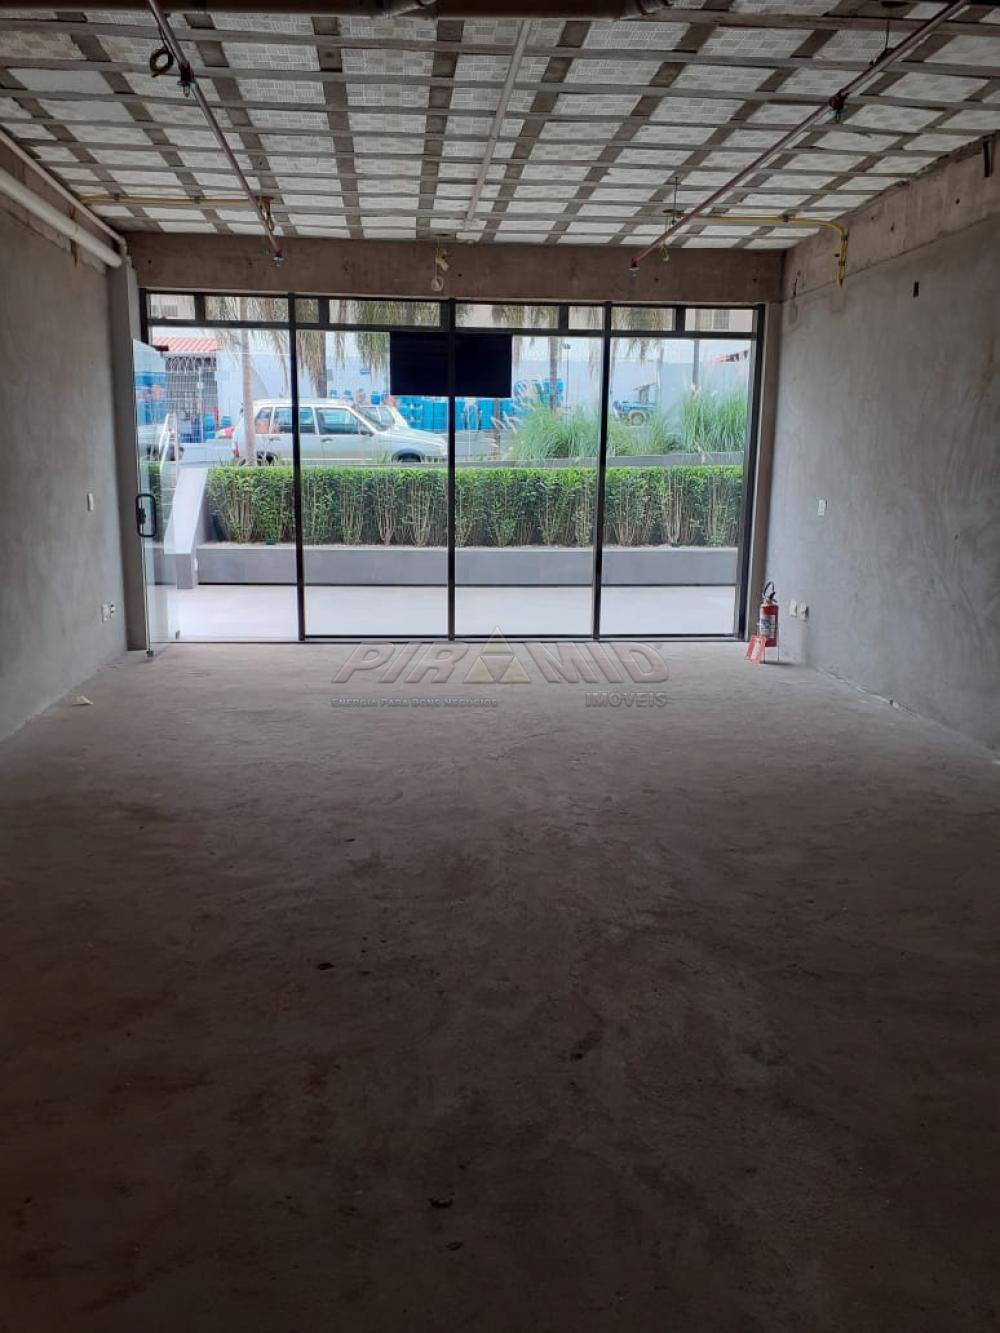 Alugar Comercial / Sala em Ribeirão Preto R$ 5.000,00 - Foto 3